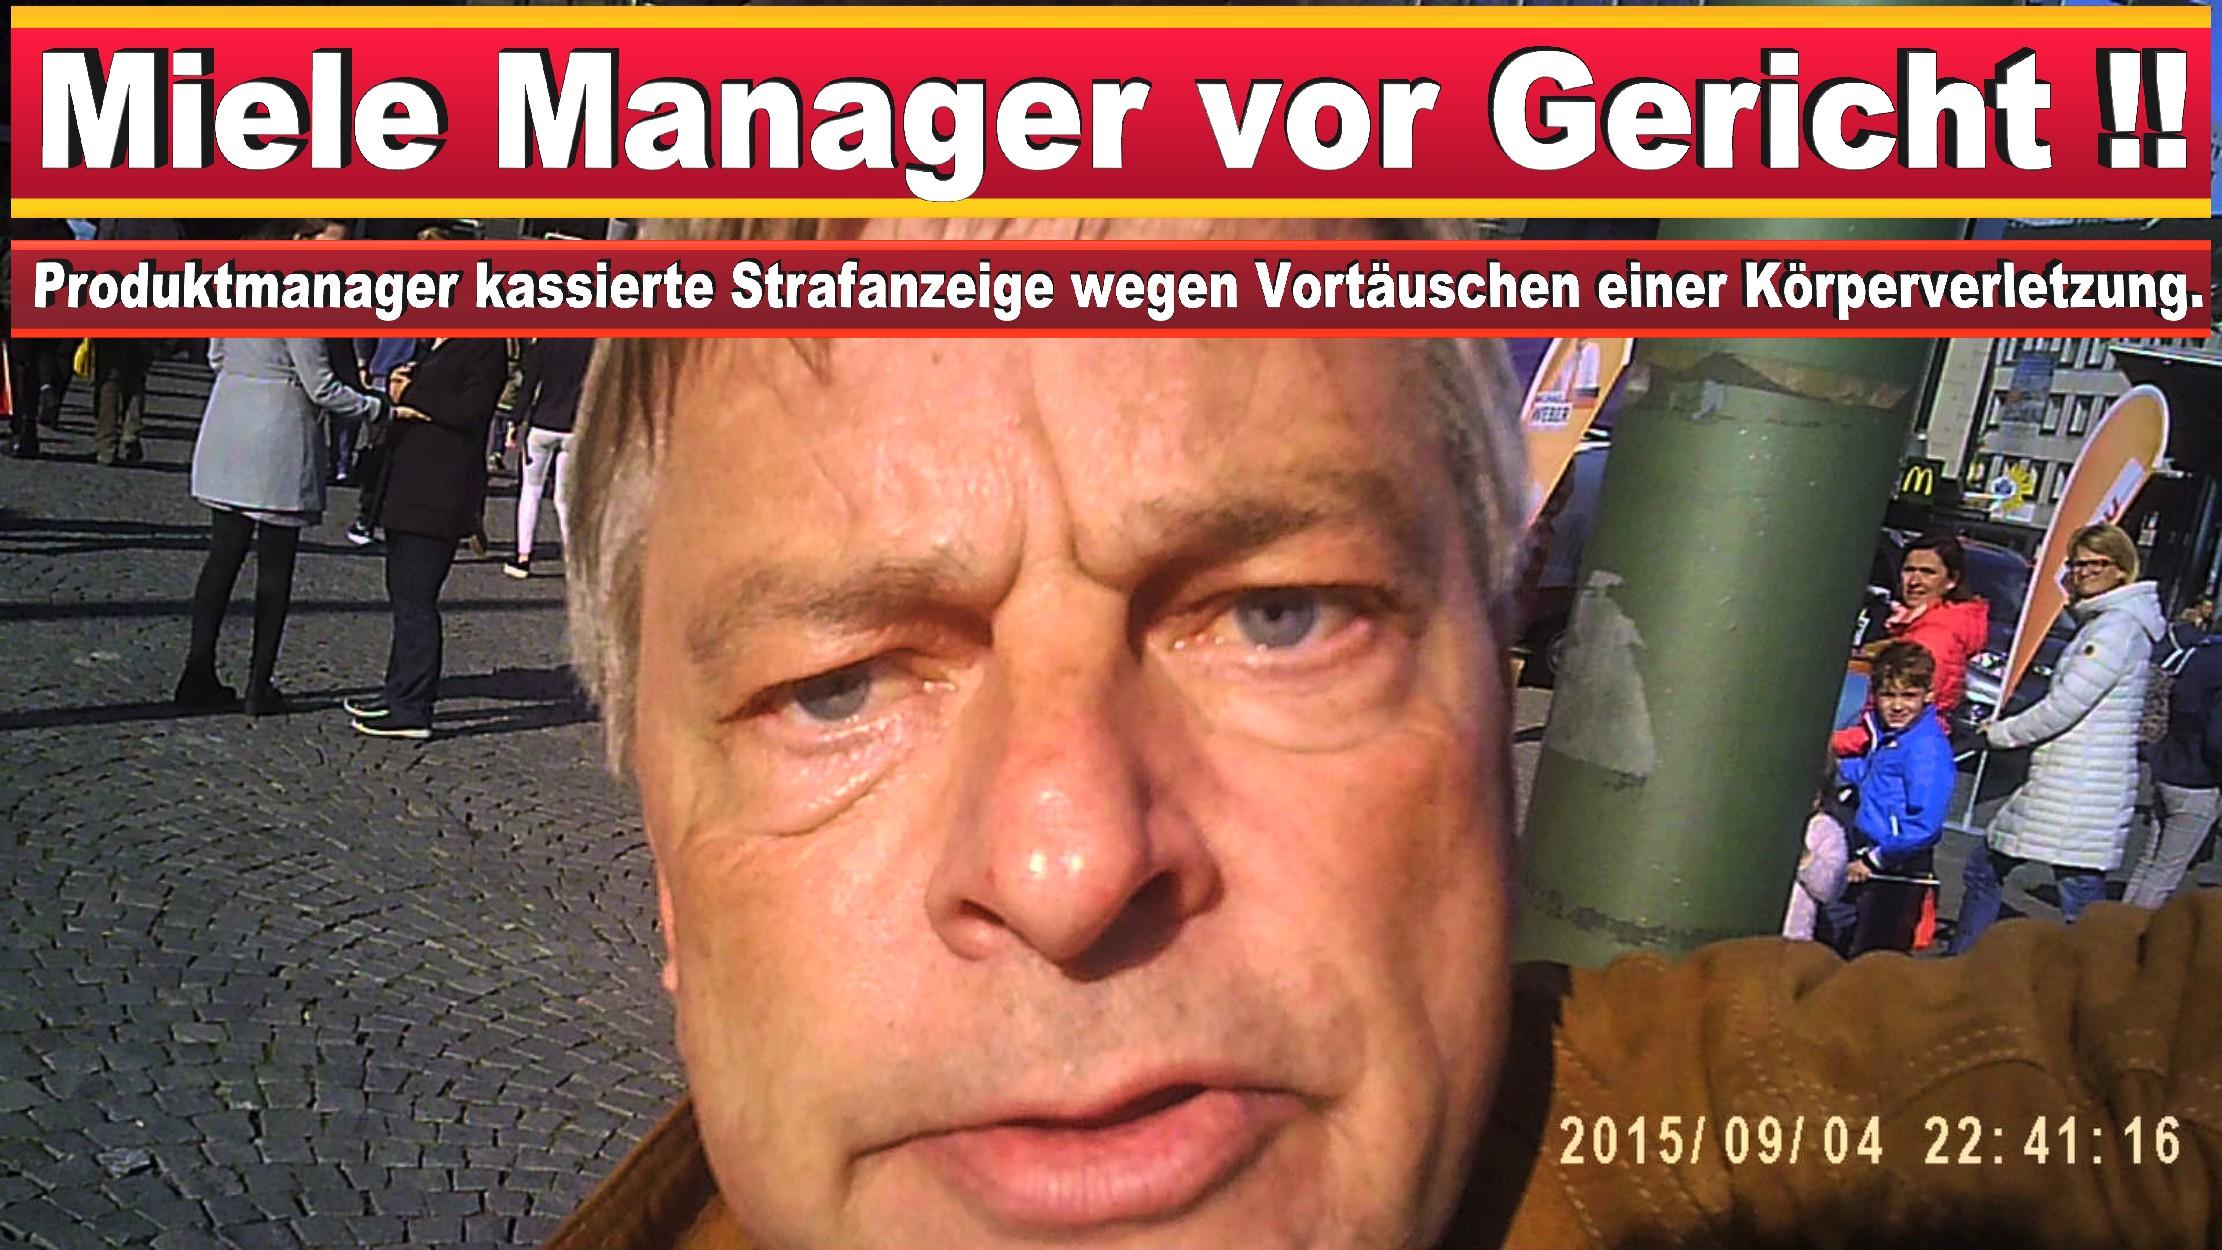 CDU BIELEFELD POLIZEIGEWALT GEWALTAUSBRUCH UND STRAFANZEIGE GEGEN EINEN JOURNALISTEN (6)